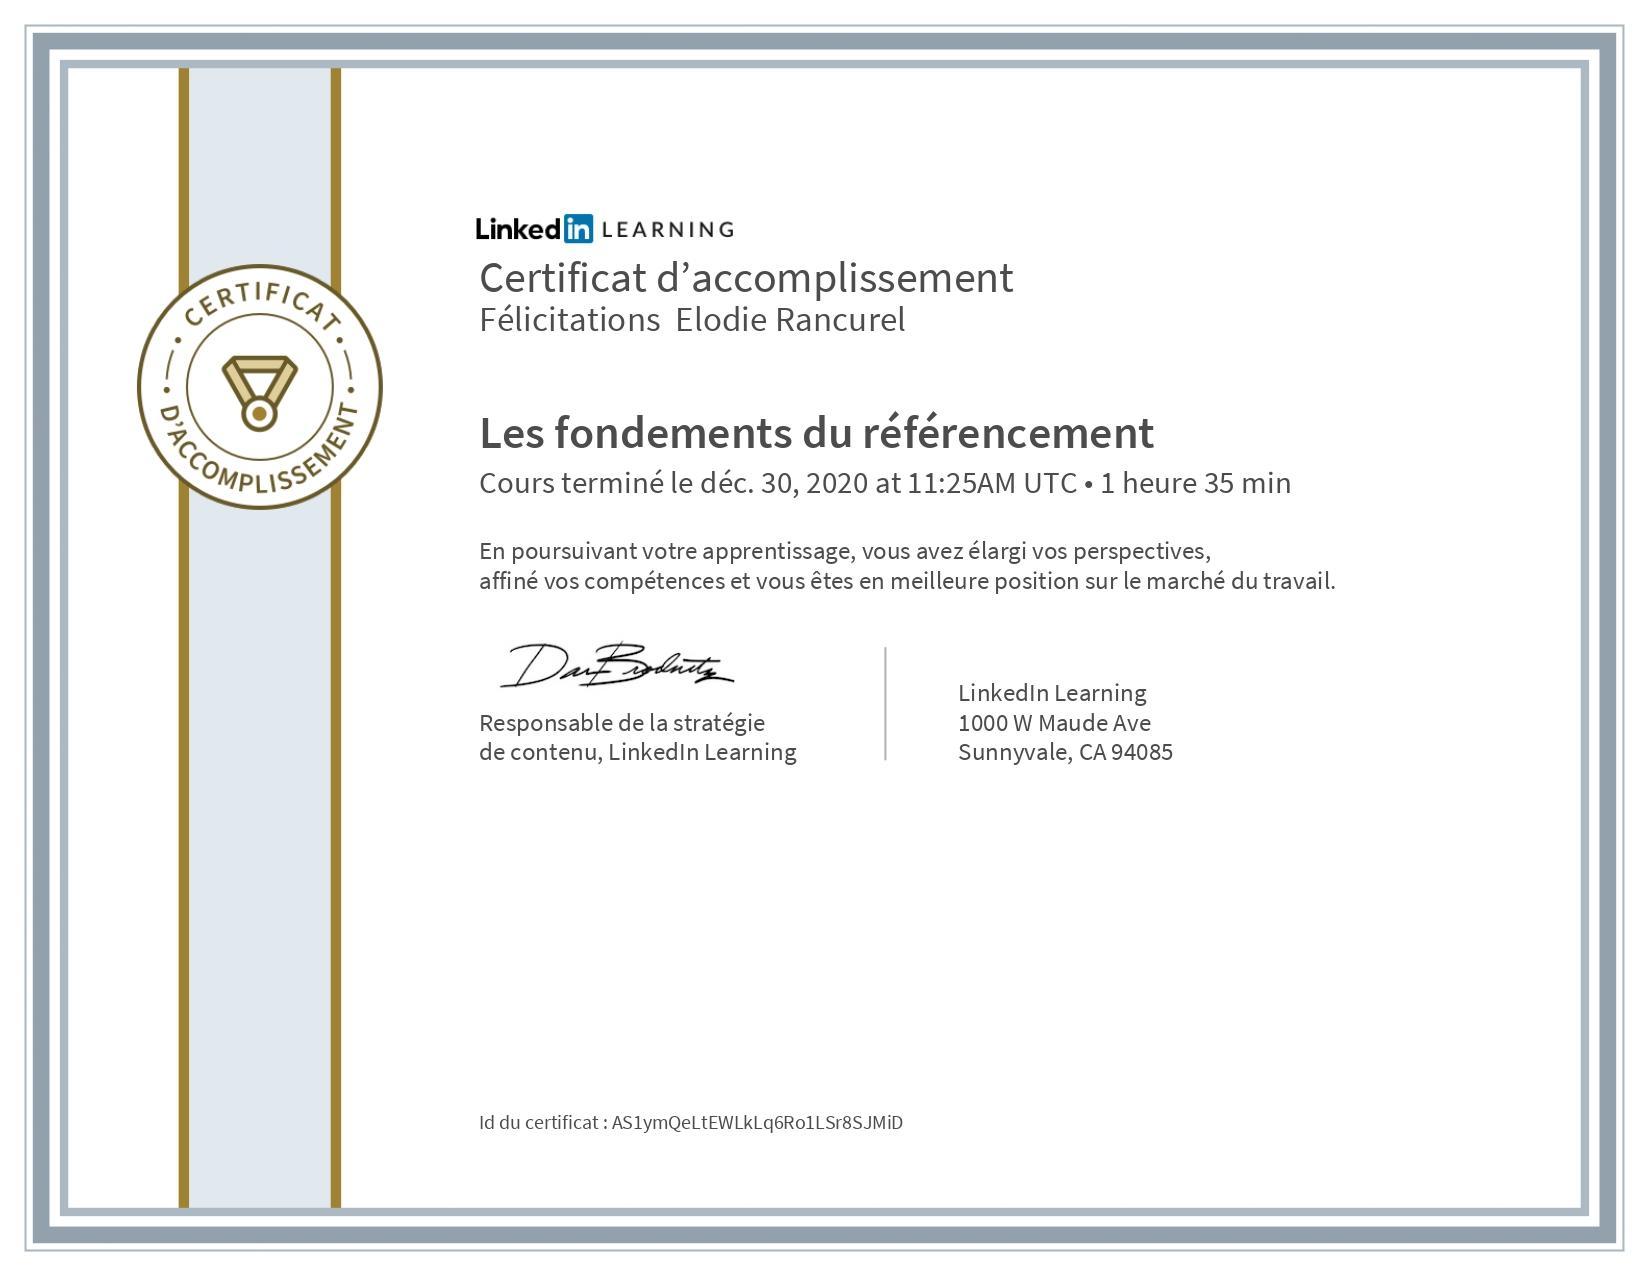 linkedin learning certificat